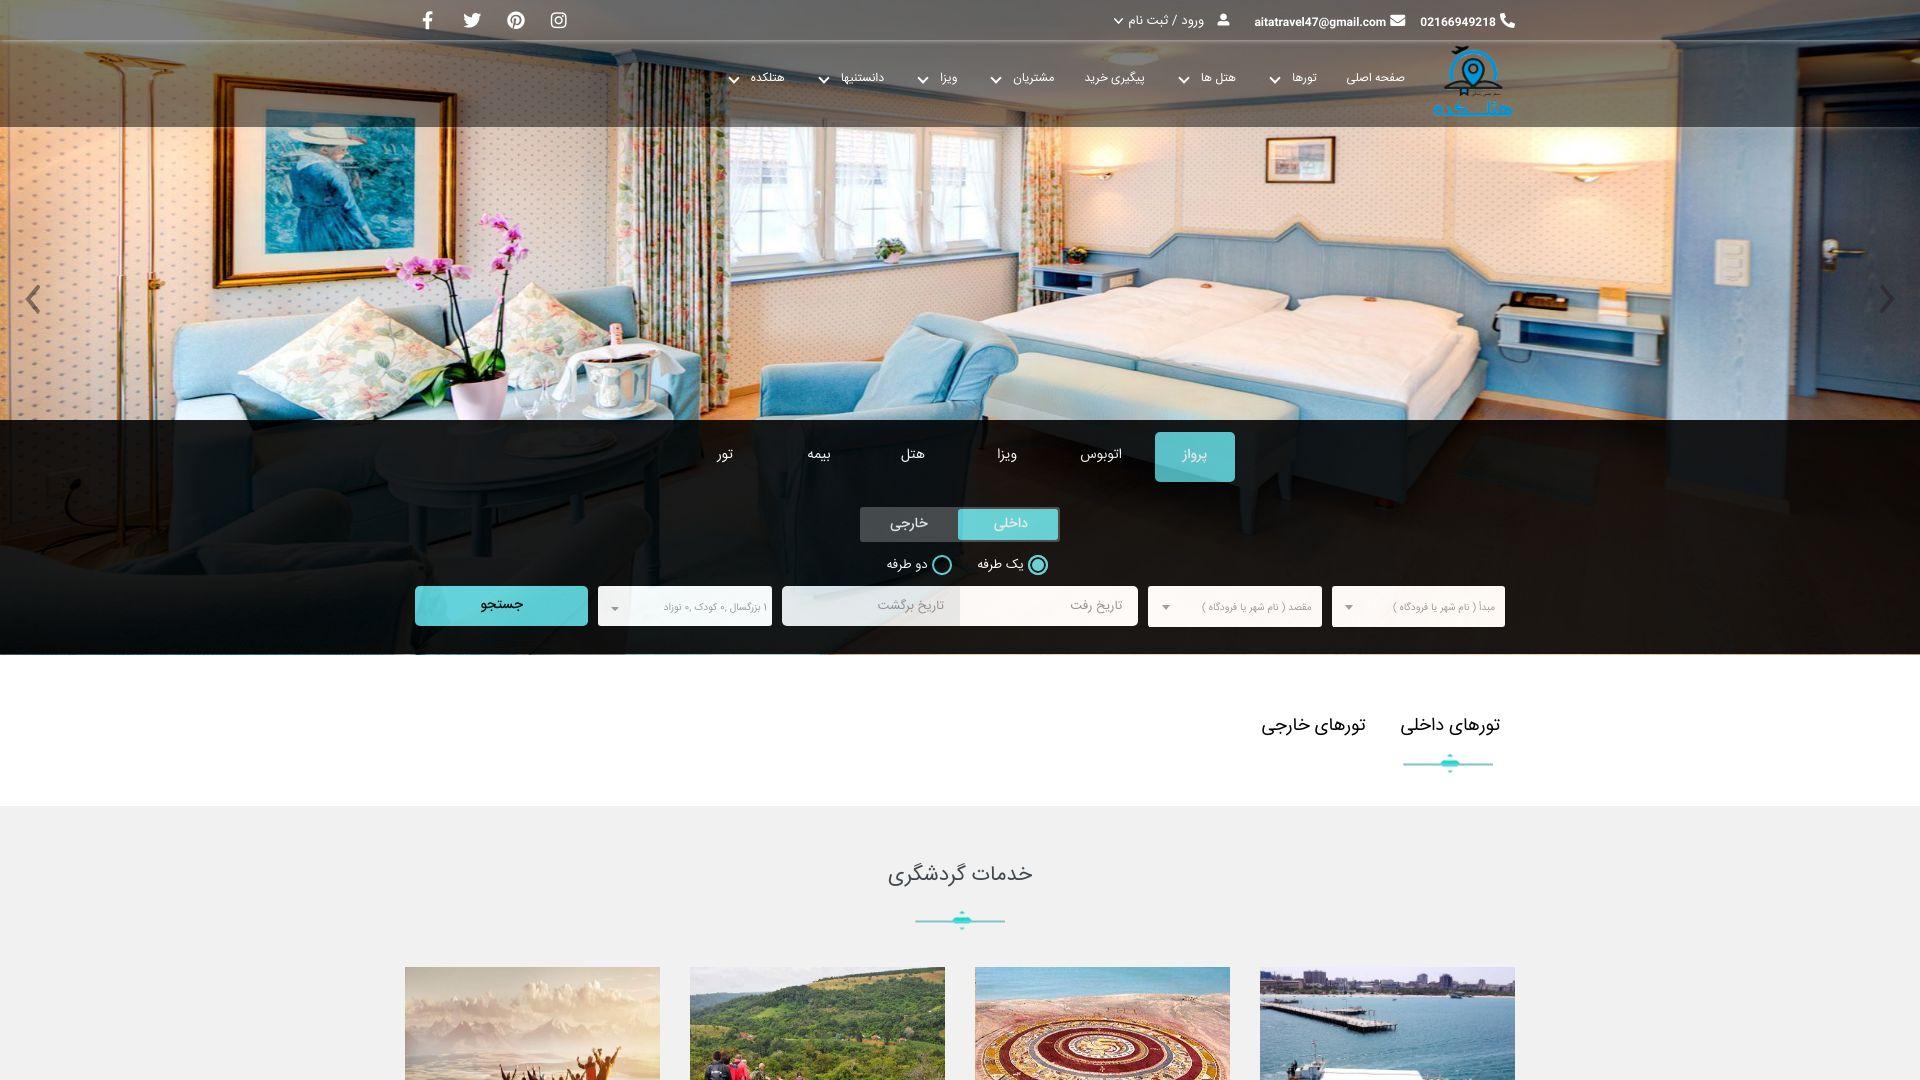 طراحی سیستم - طراحی سایت آژانس مسافرتی آیتا